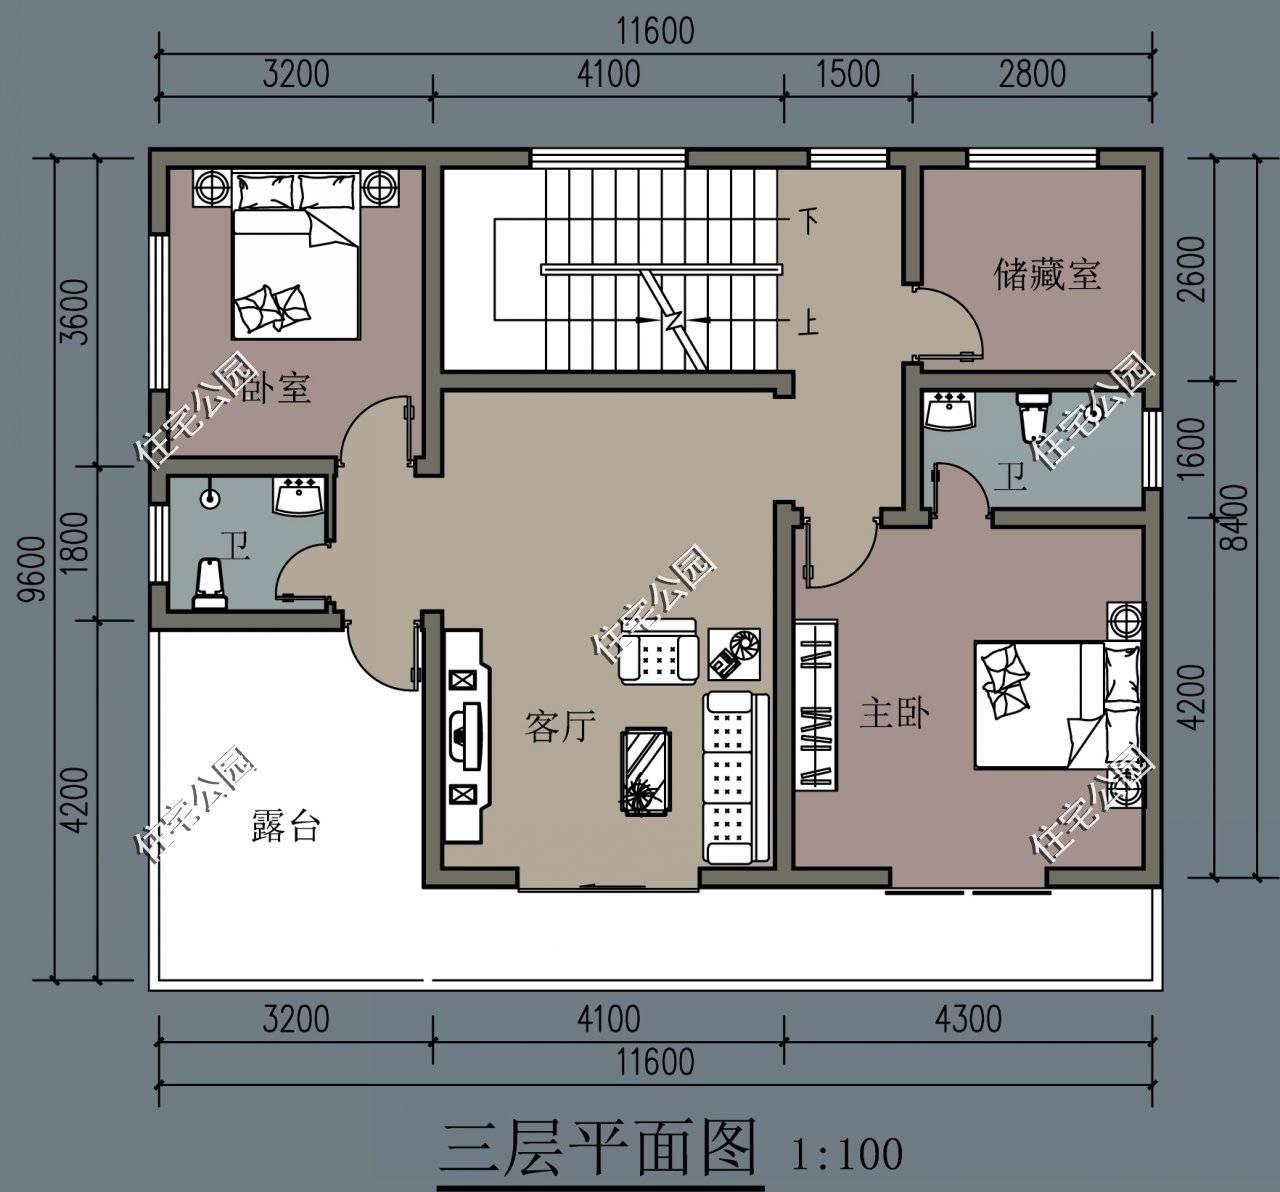 宽9米,长11米,农村自建房该怎么设计